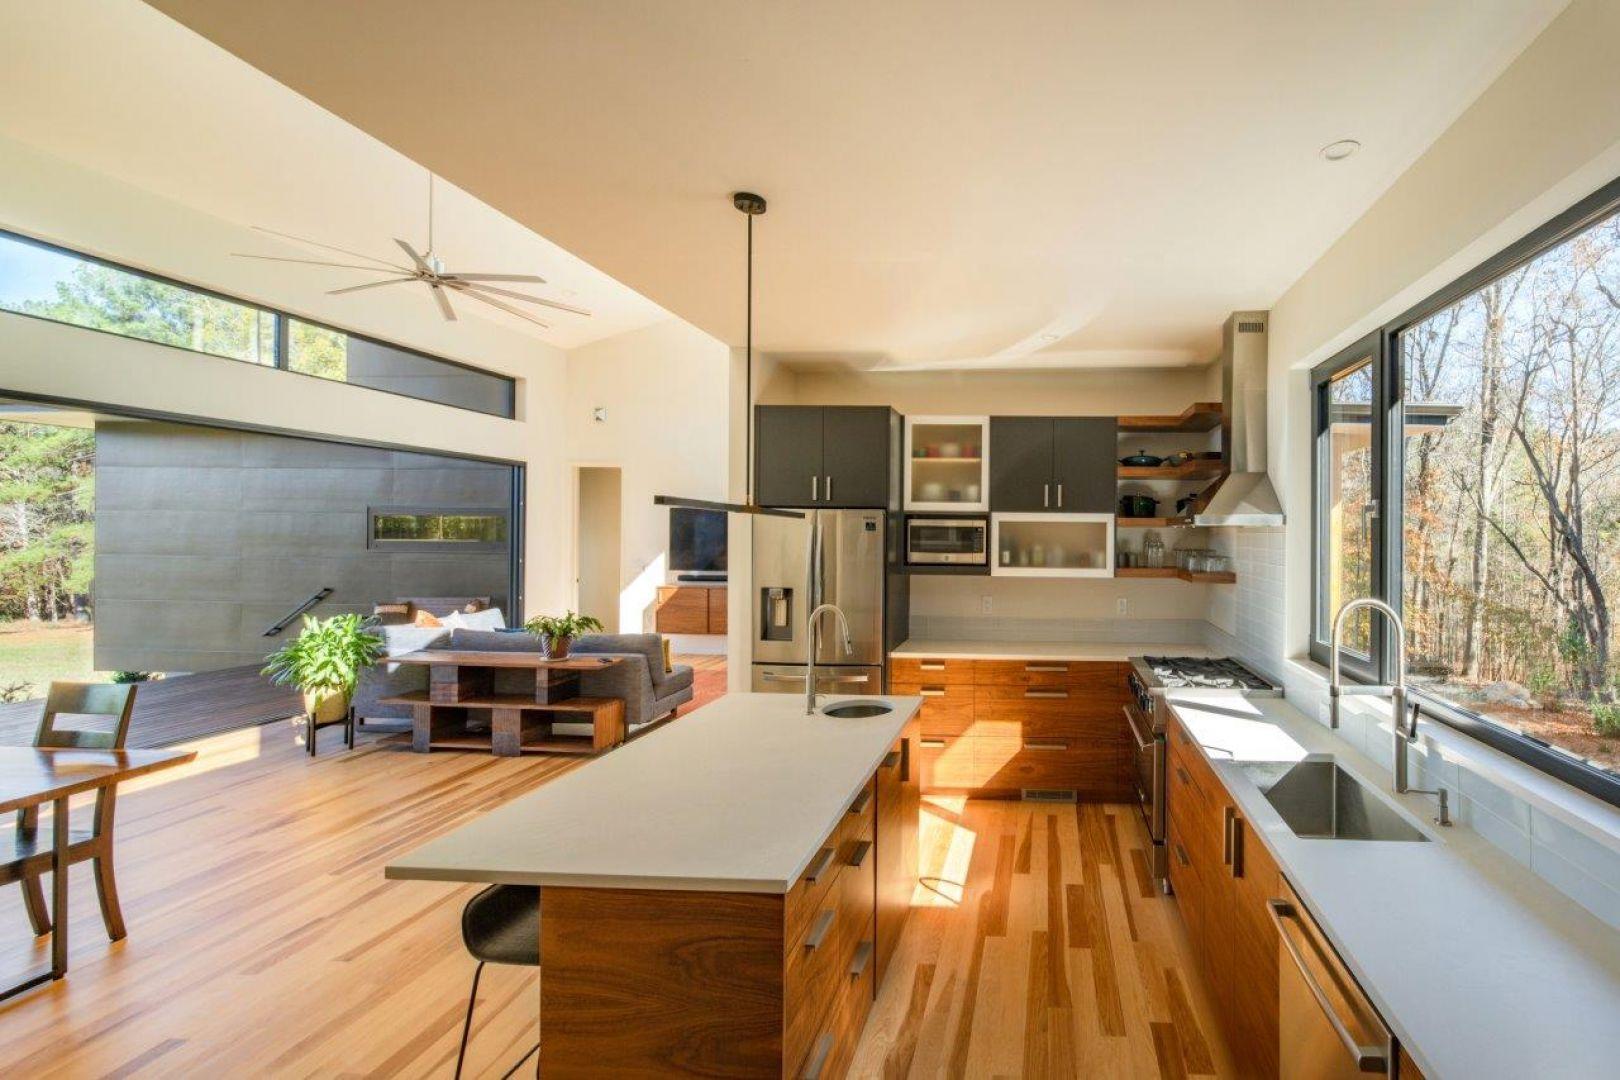 Wnętrze domu wykończone jest drewnem, kamieniem i stalą, co zdecydowanie wpłynęło na sam wygląd inwestycji oraz jej harmonijne połączenie z sąsiedztwem. Fot. Awilux